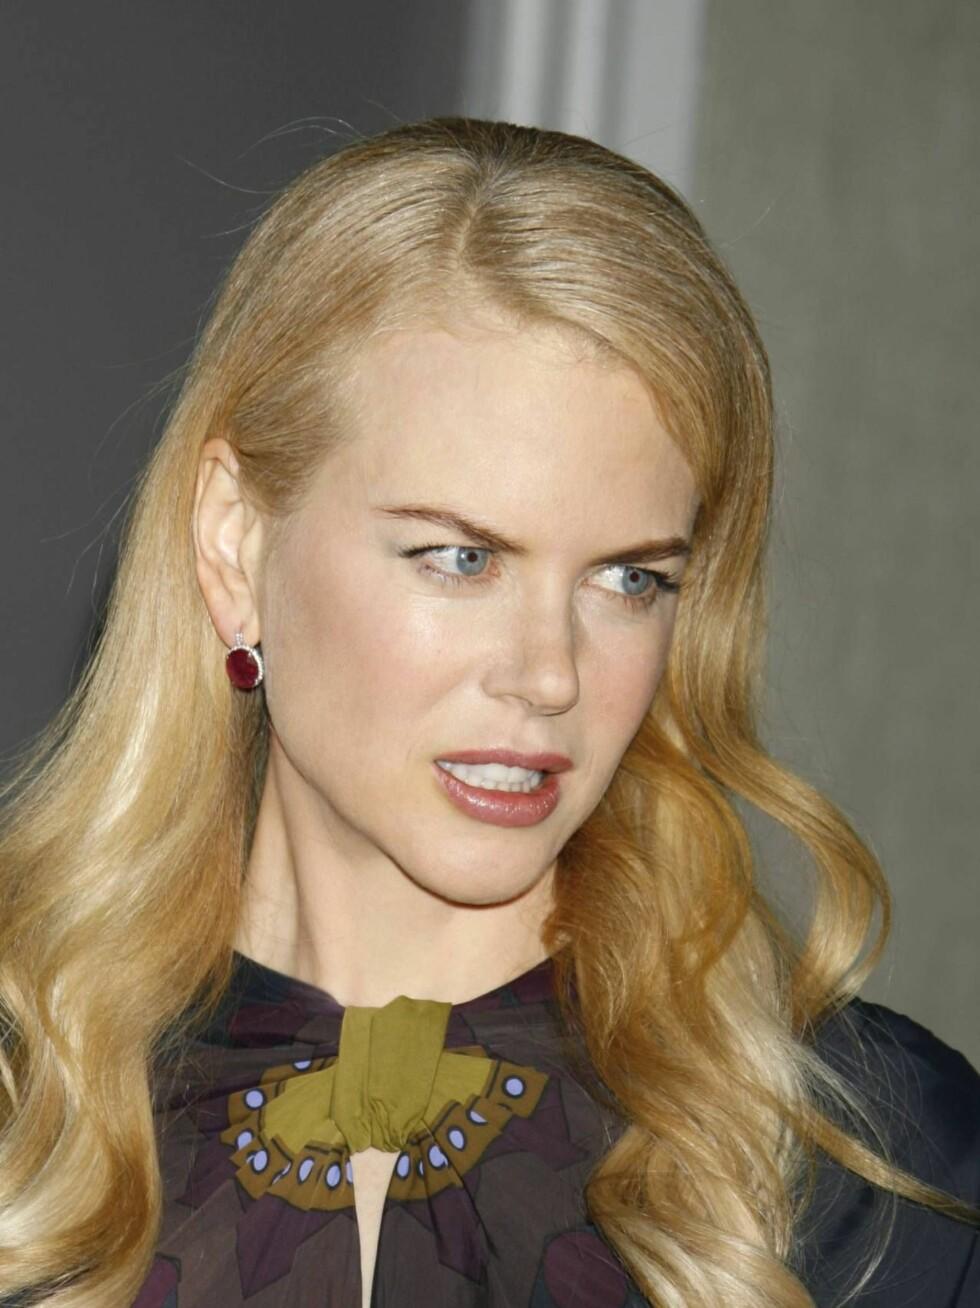 SYKEHUS: Torsdag morgen ble Nicole Kidman fraktet til sykehus etter en bilulukke. Hun skal ha kommet fra det hele uten alvorlige skader. Foto: AP/Scanpix